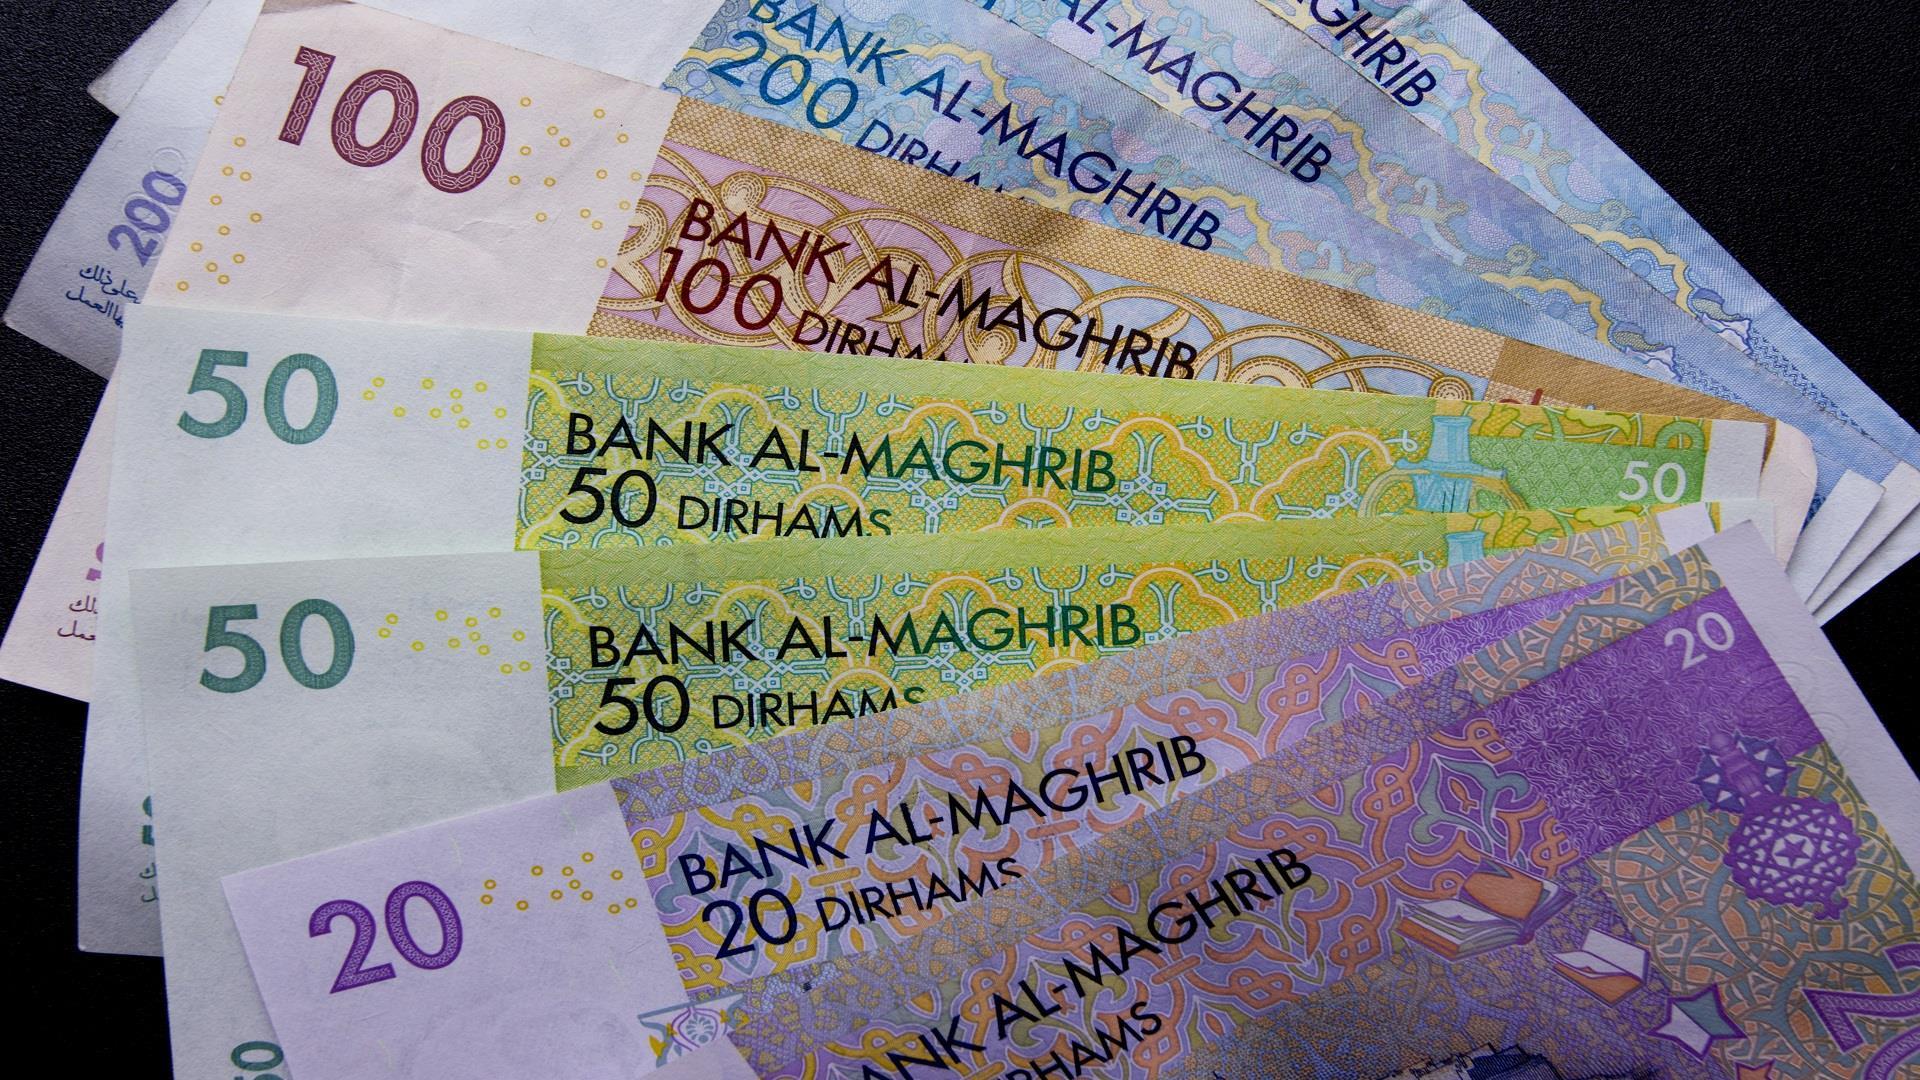 تقرير: تراجع عدد الأوراق النقدية المزورة بنسبة 34 في المائة سنة 2020